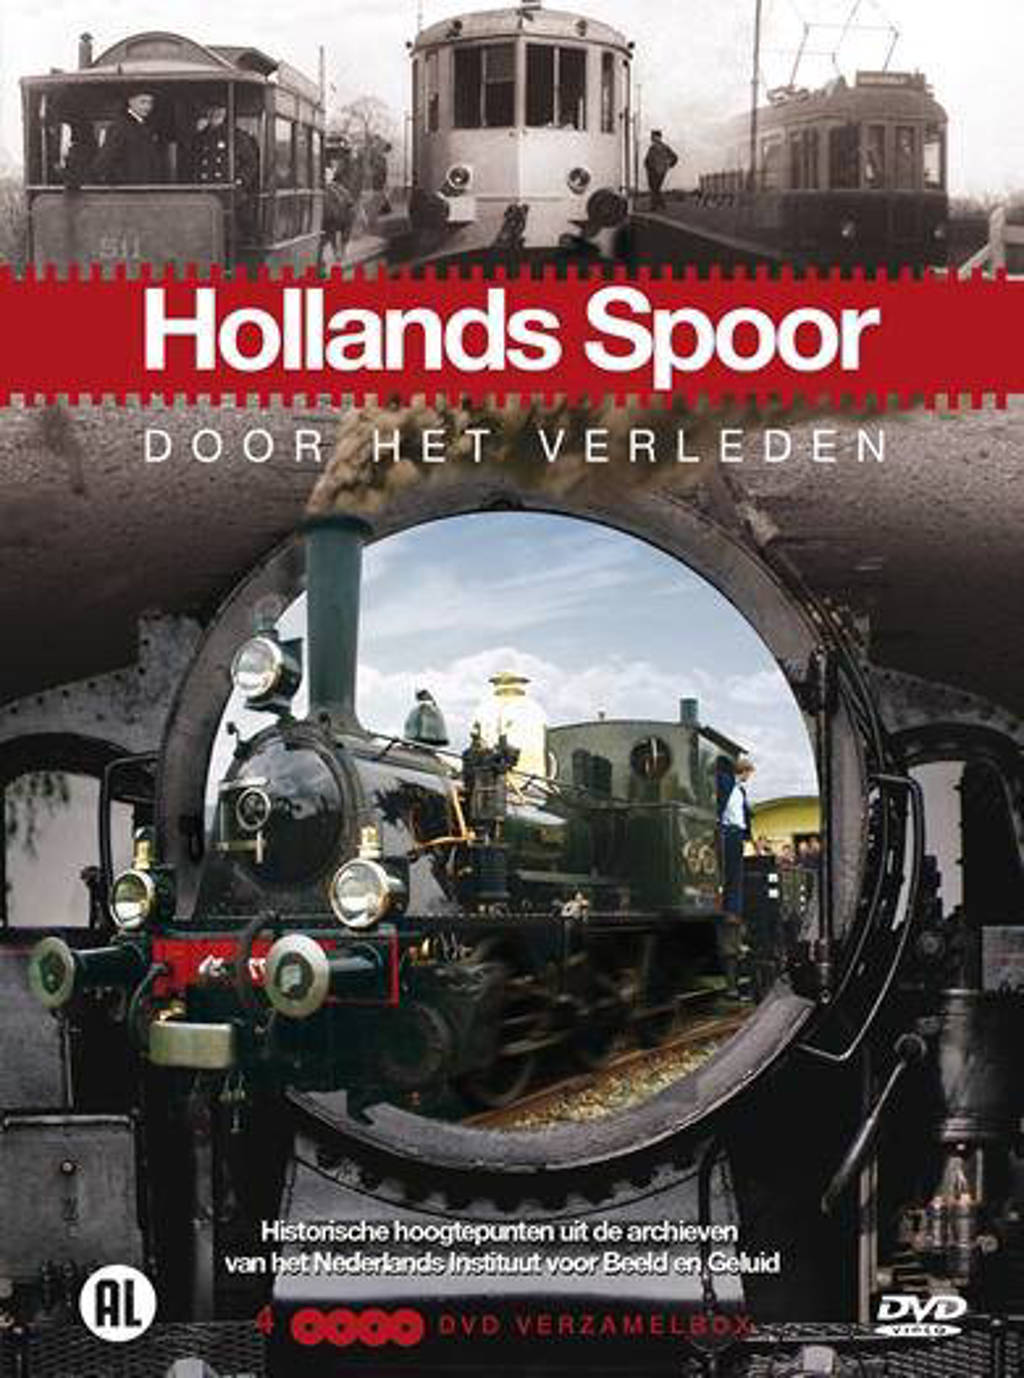 Hollands Spoor door het verleden (DVD)